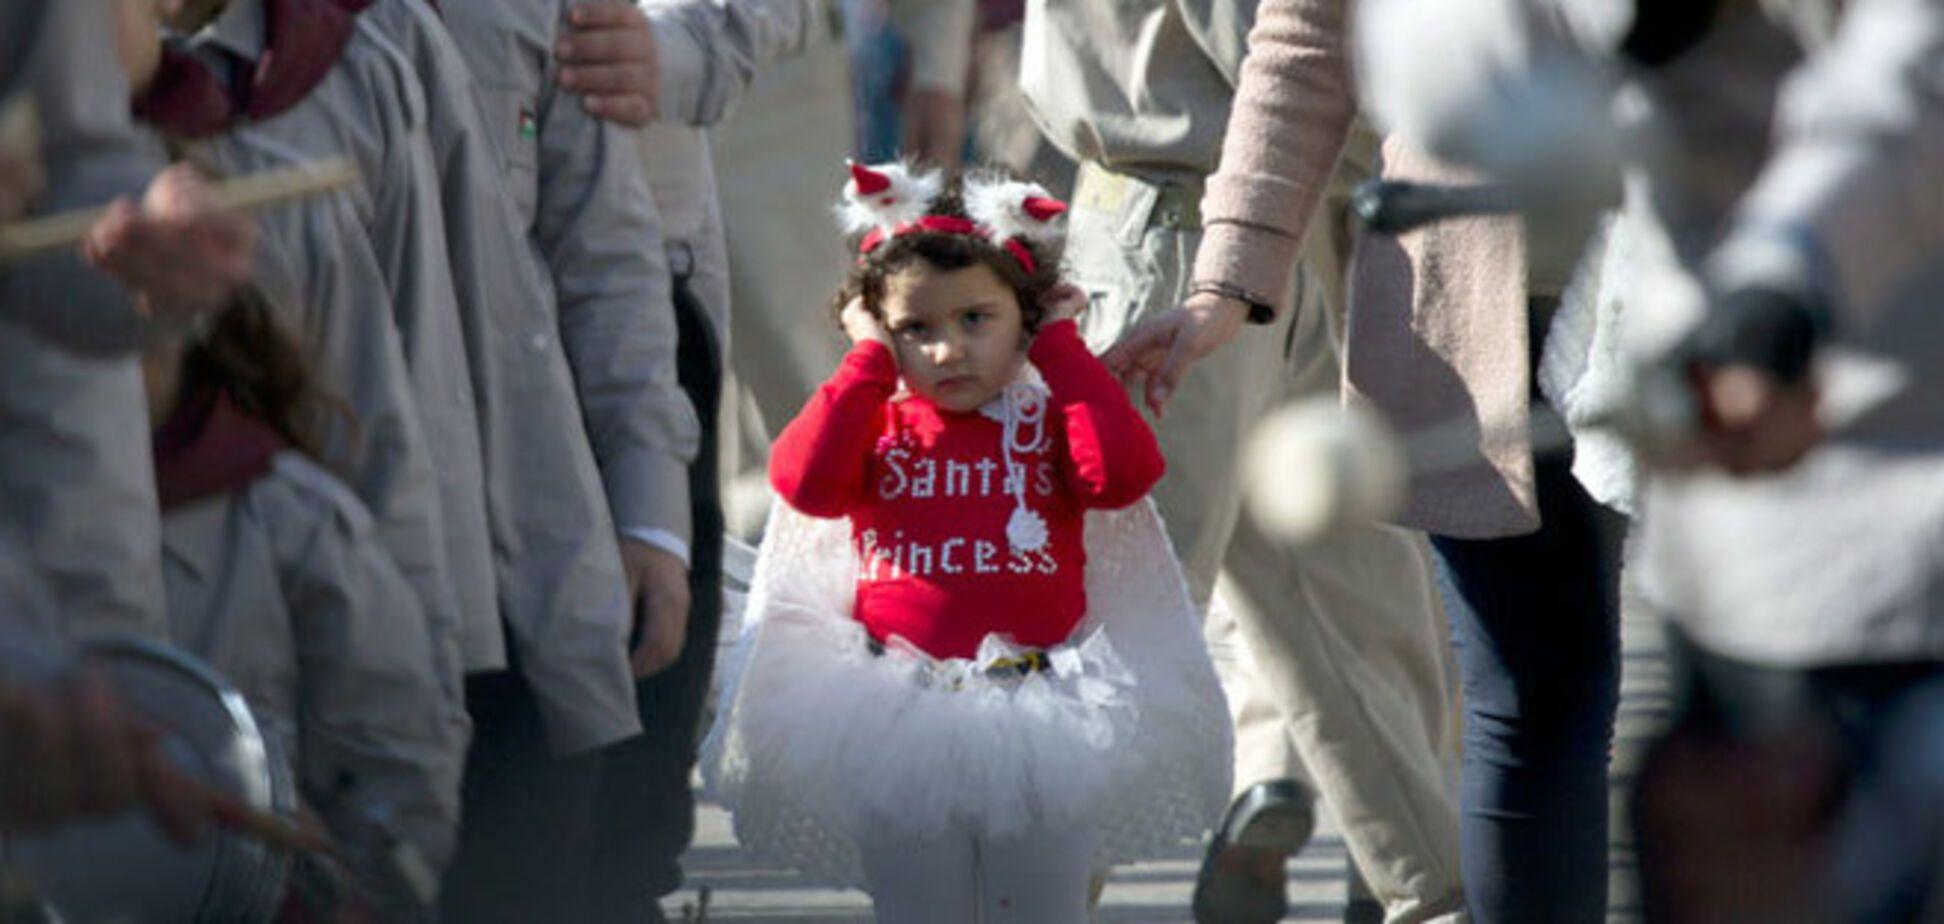 Мир отмечает католическое Рождество: фотографии из 20 стран